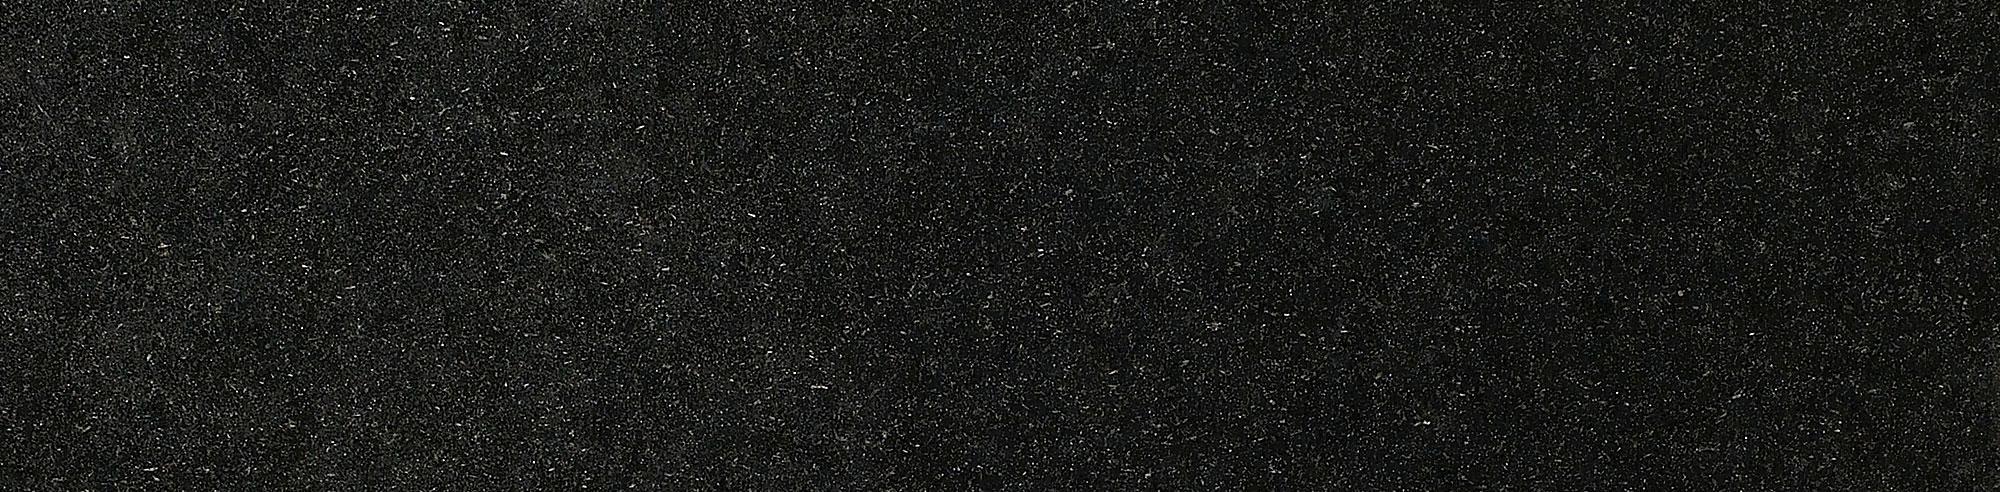 Granit Nero Premium